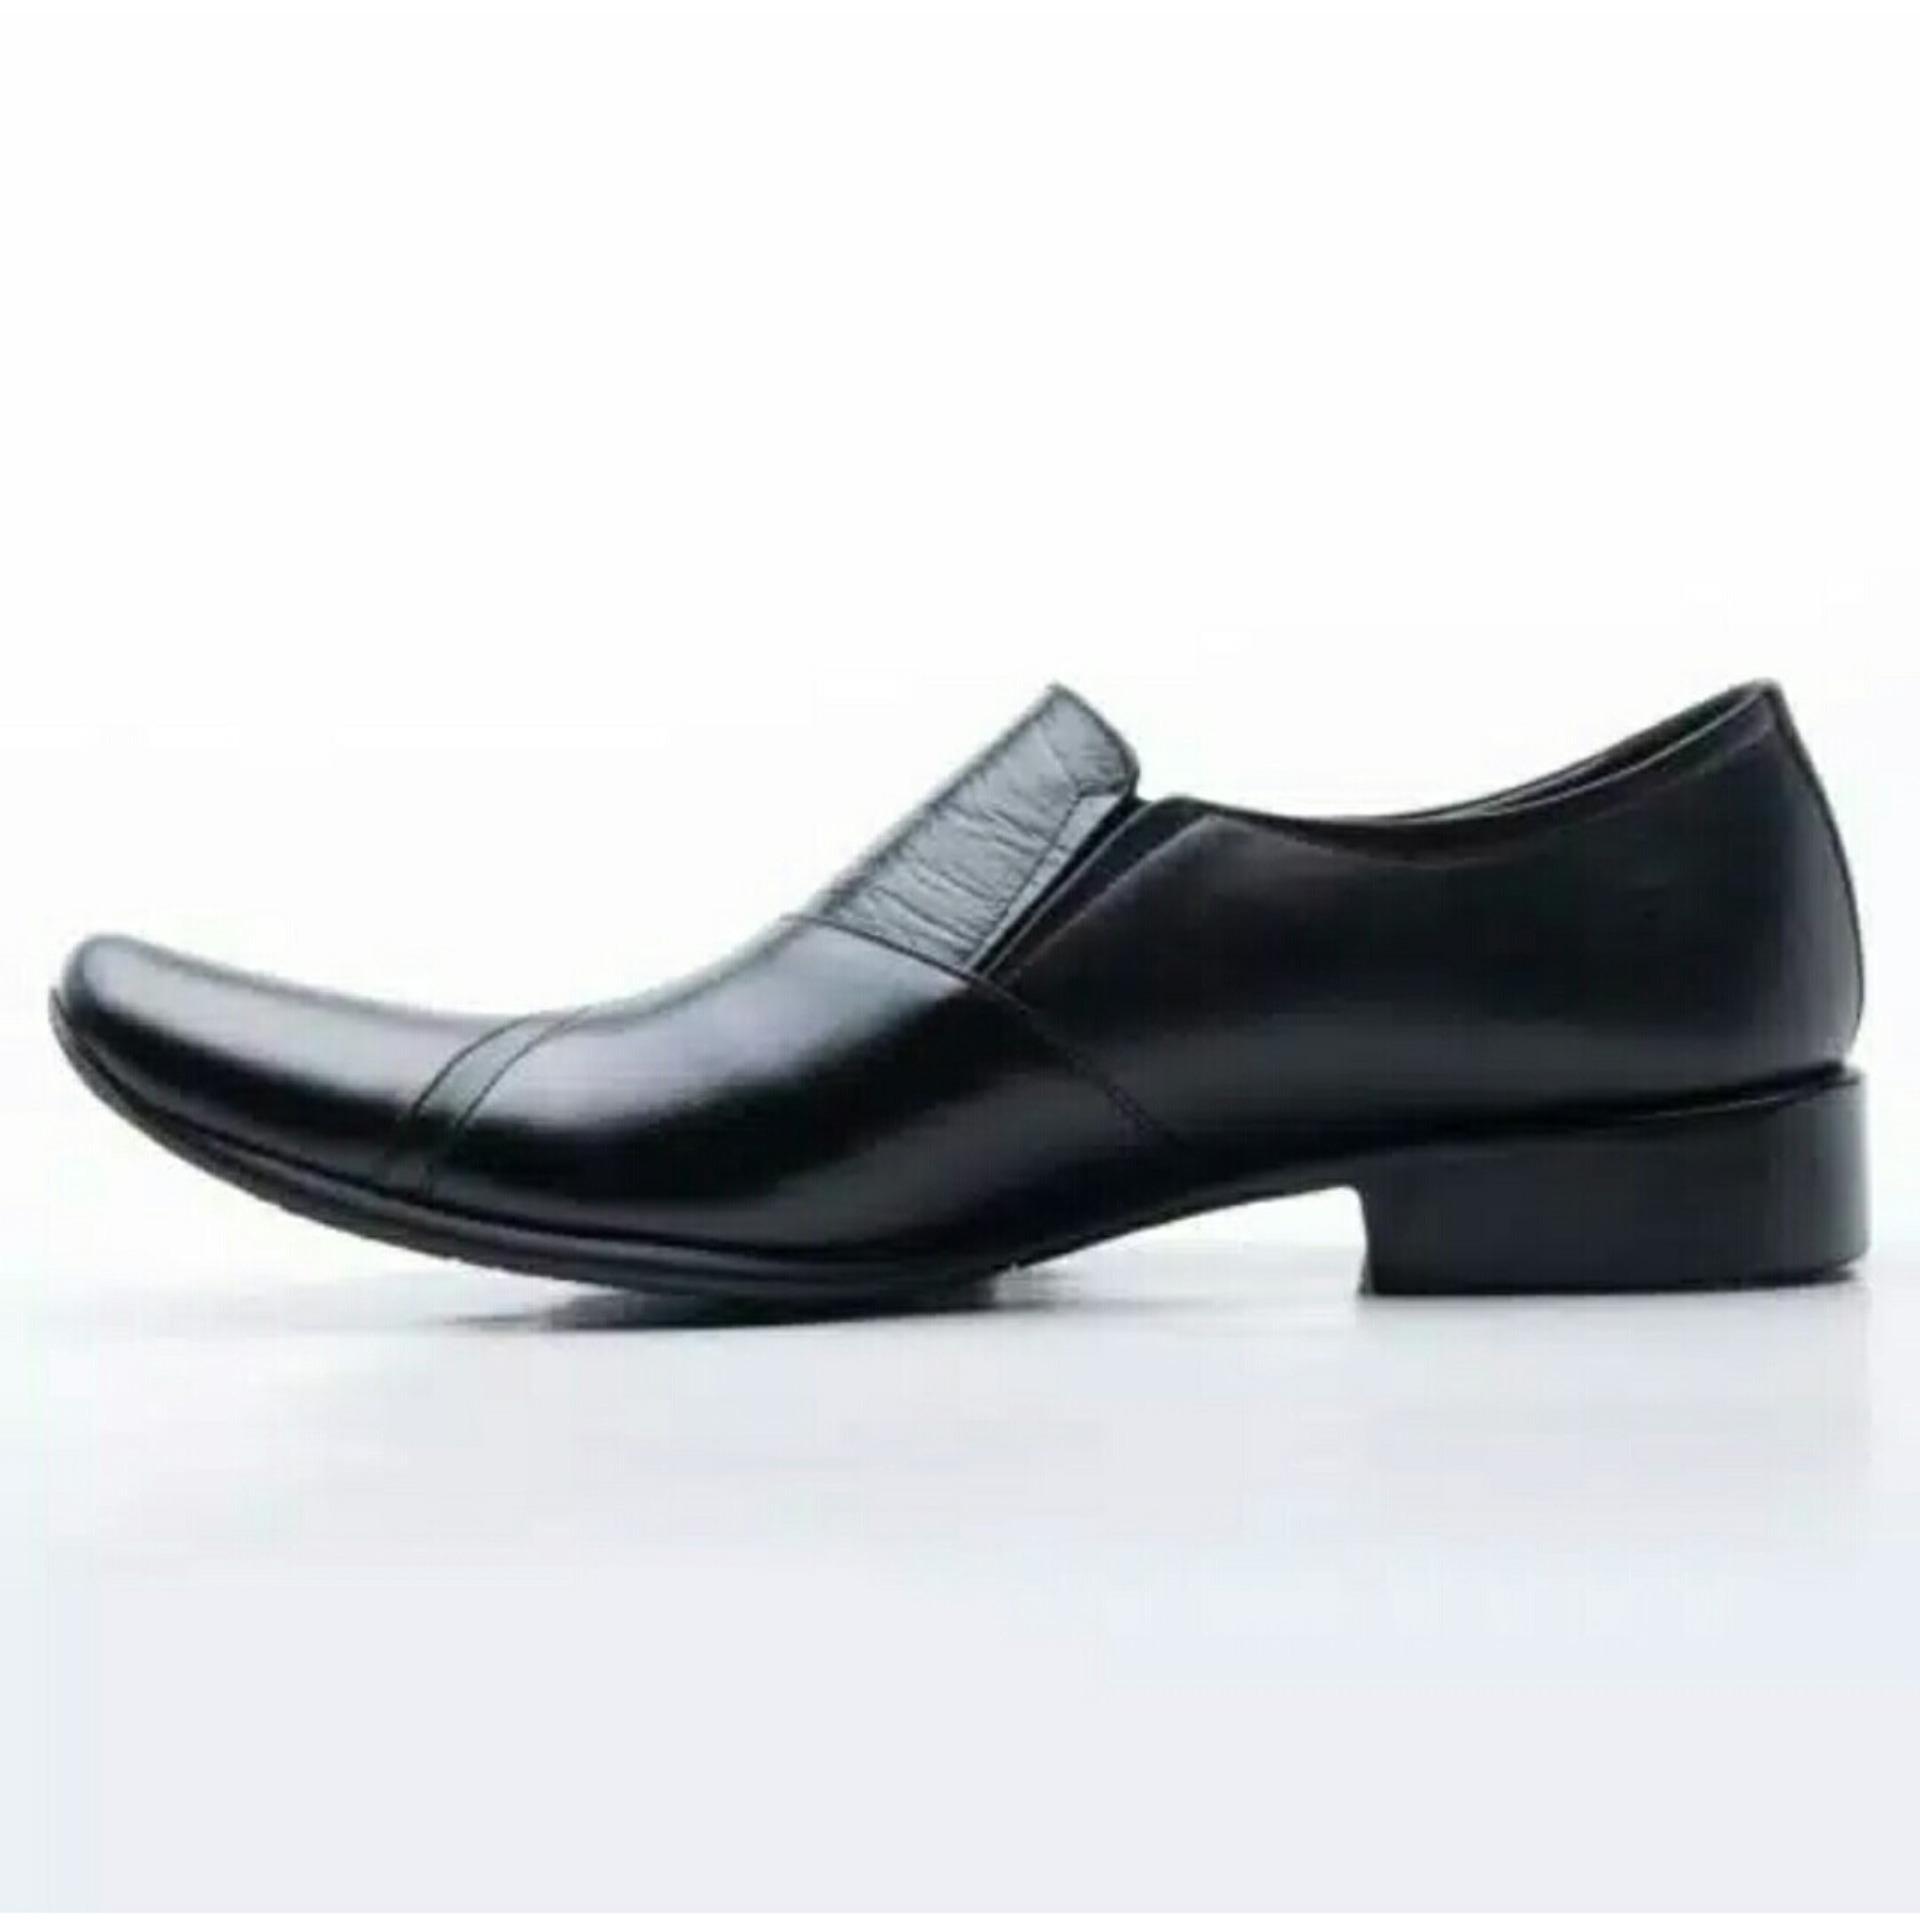 Sepatu Pria Pantofel Formal Kerja Kulit Asli Berkualitas Cepc Cocoes Model Lv 076 Ht